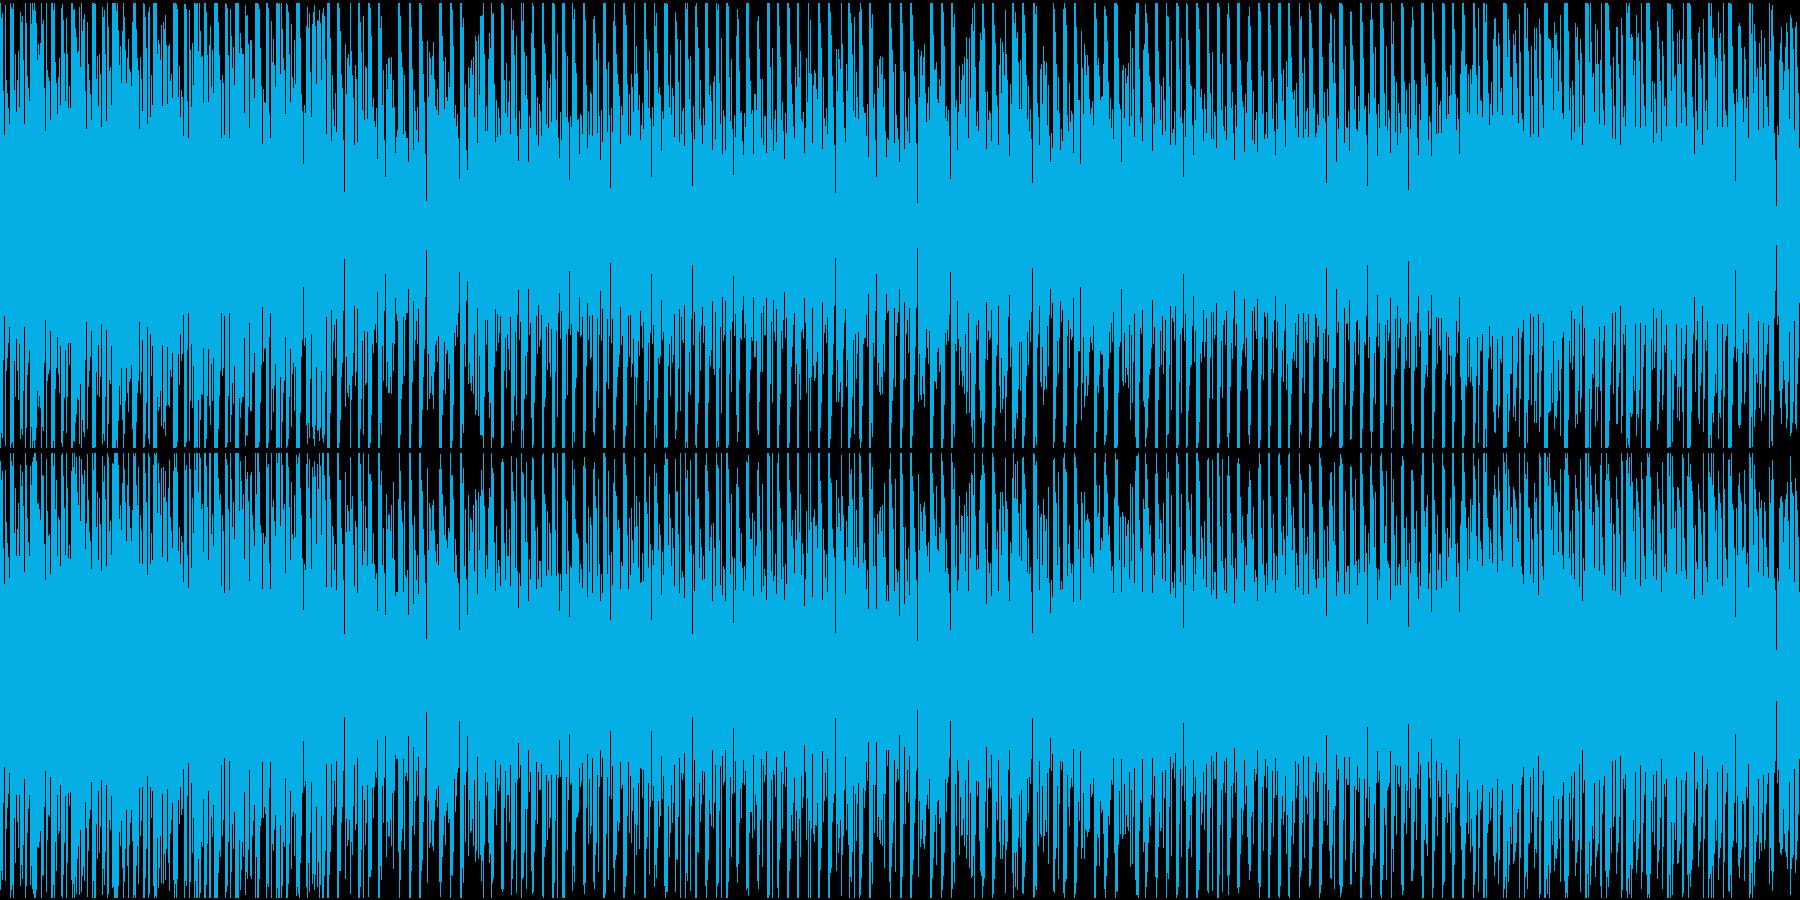 チップチューンでラテン系ループ、夏、海。の再生済みの波形